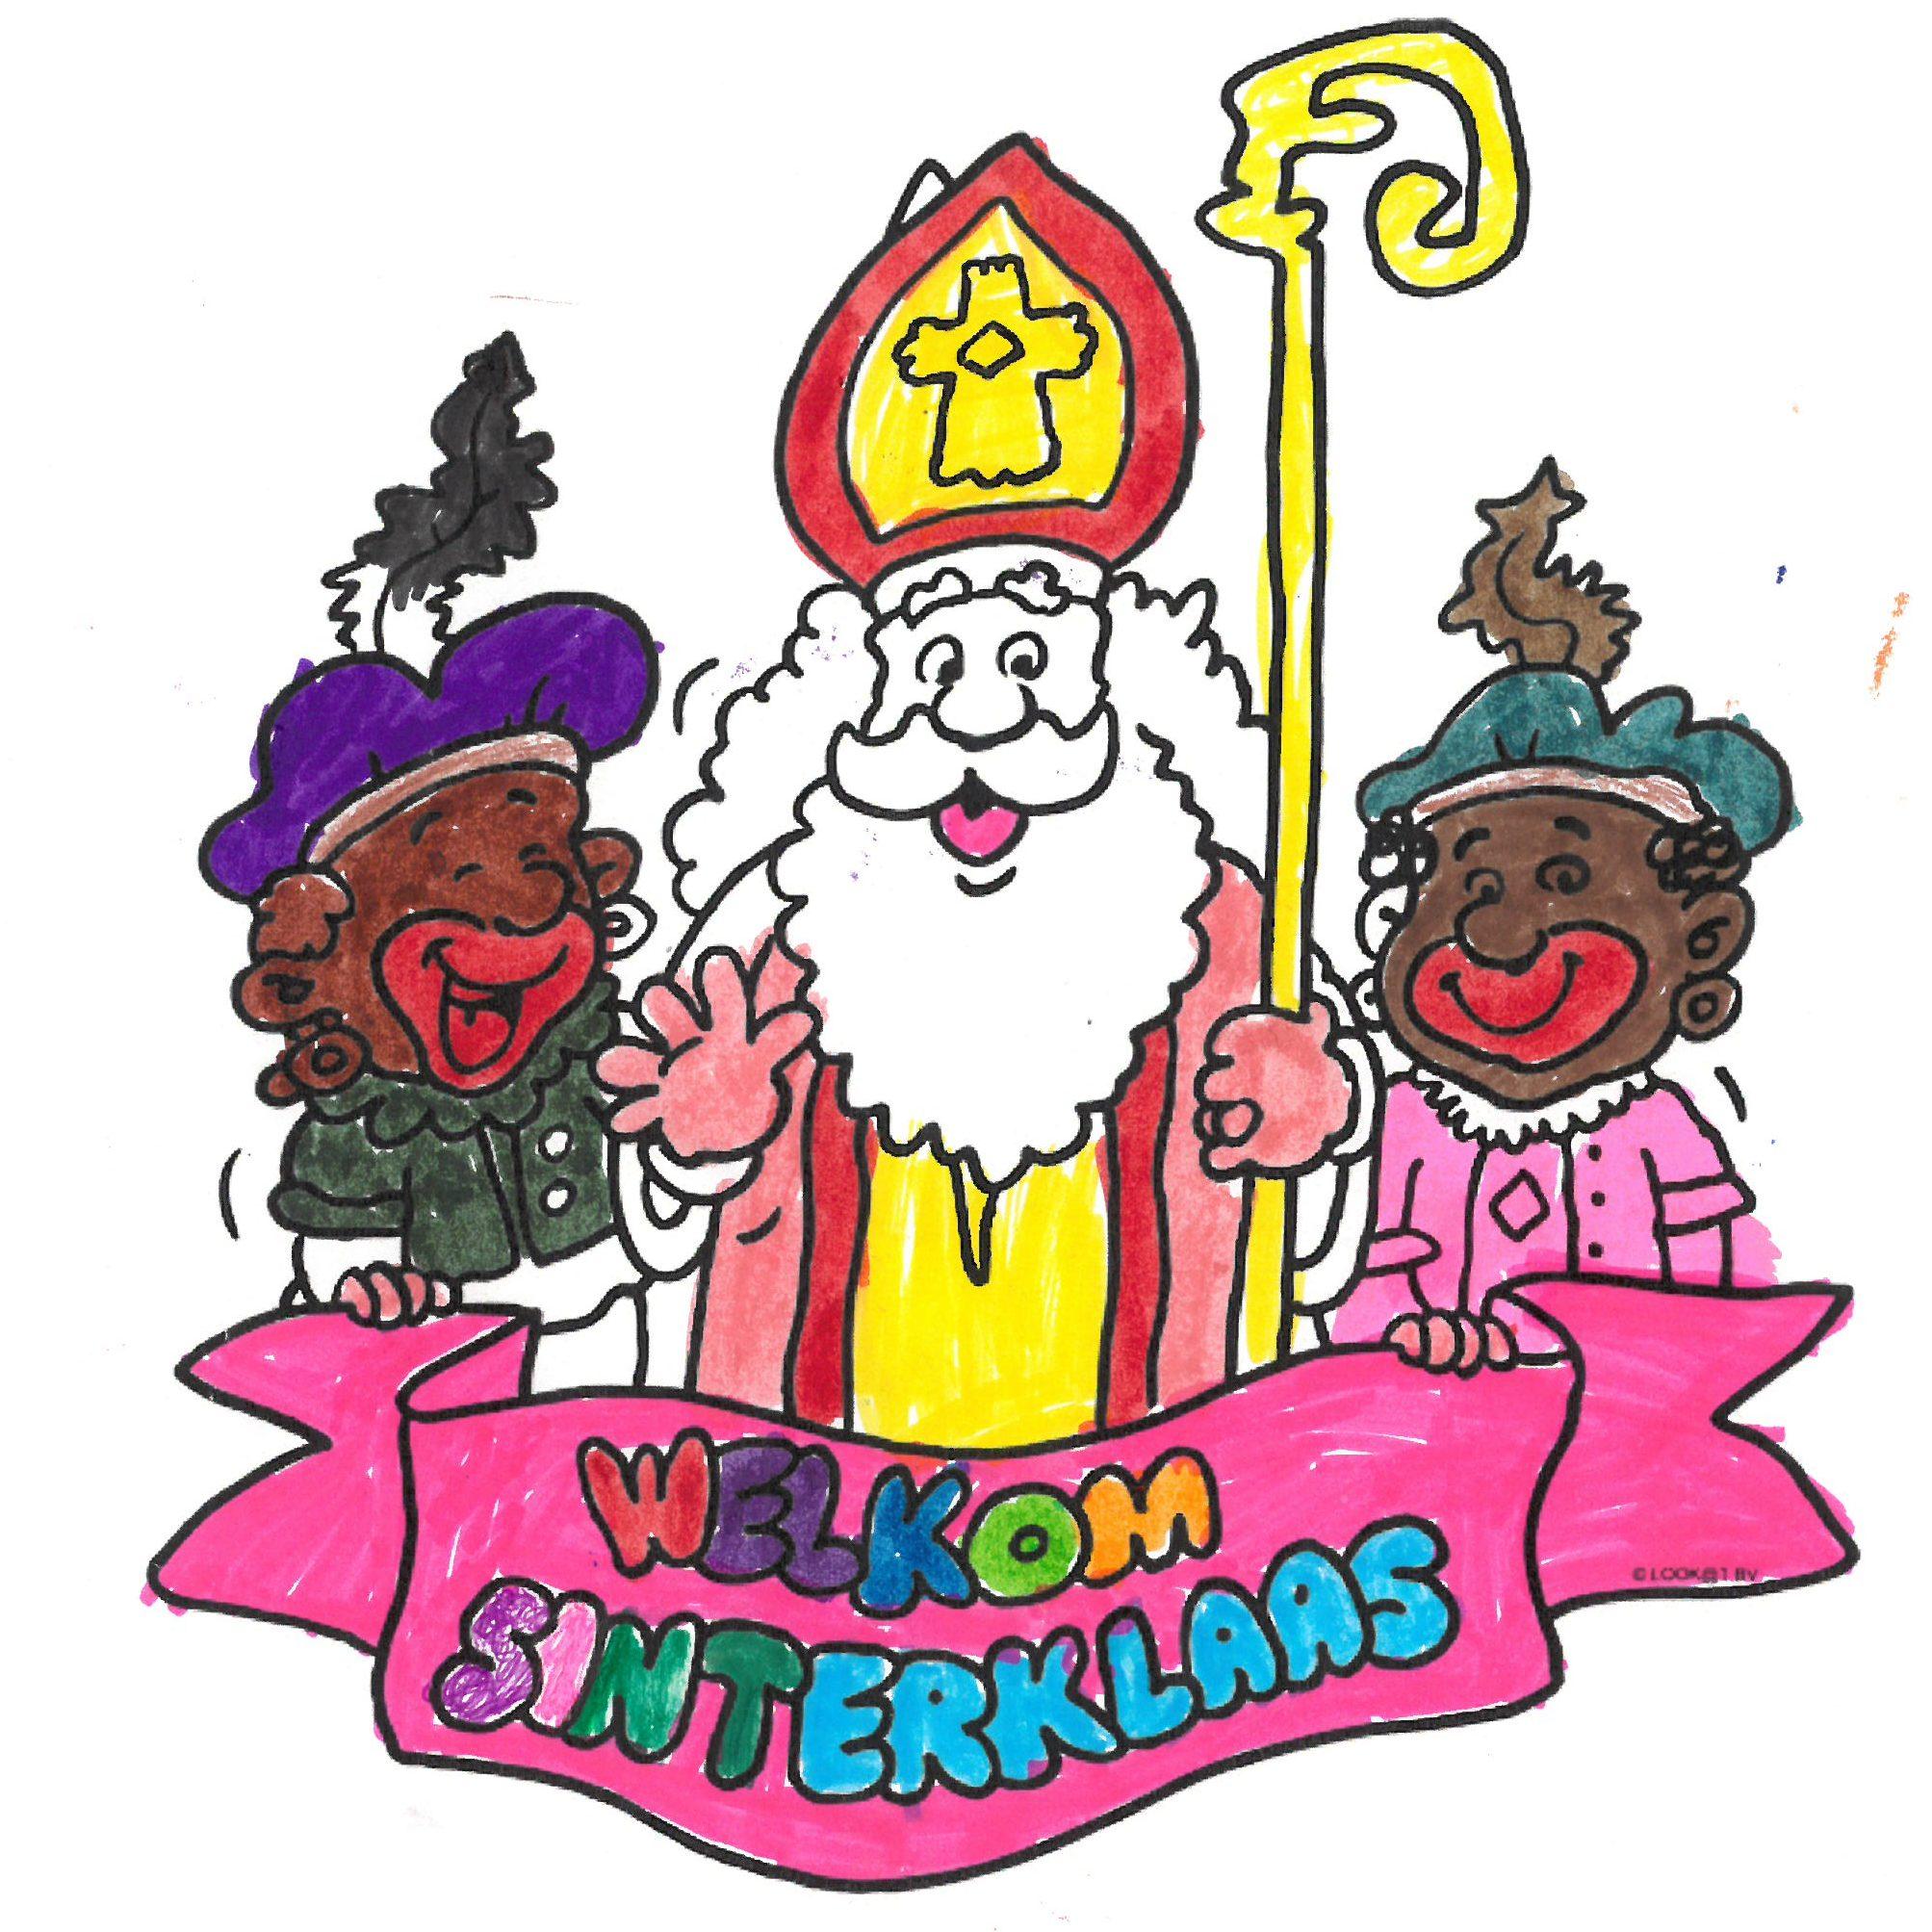 De Sint is blij met al zijn ontvangen tekeningen